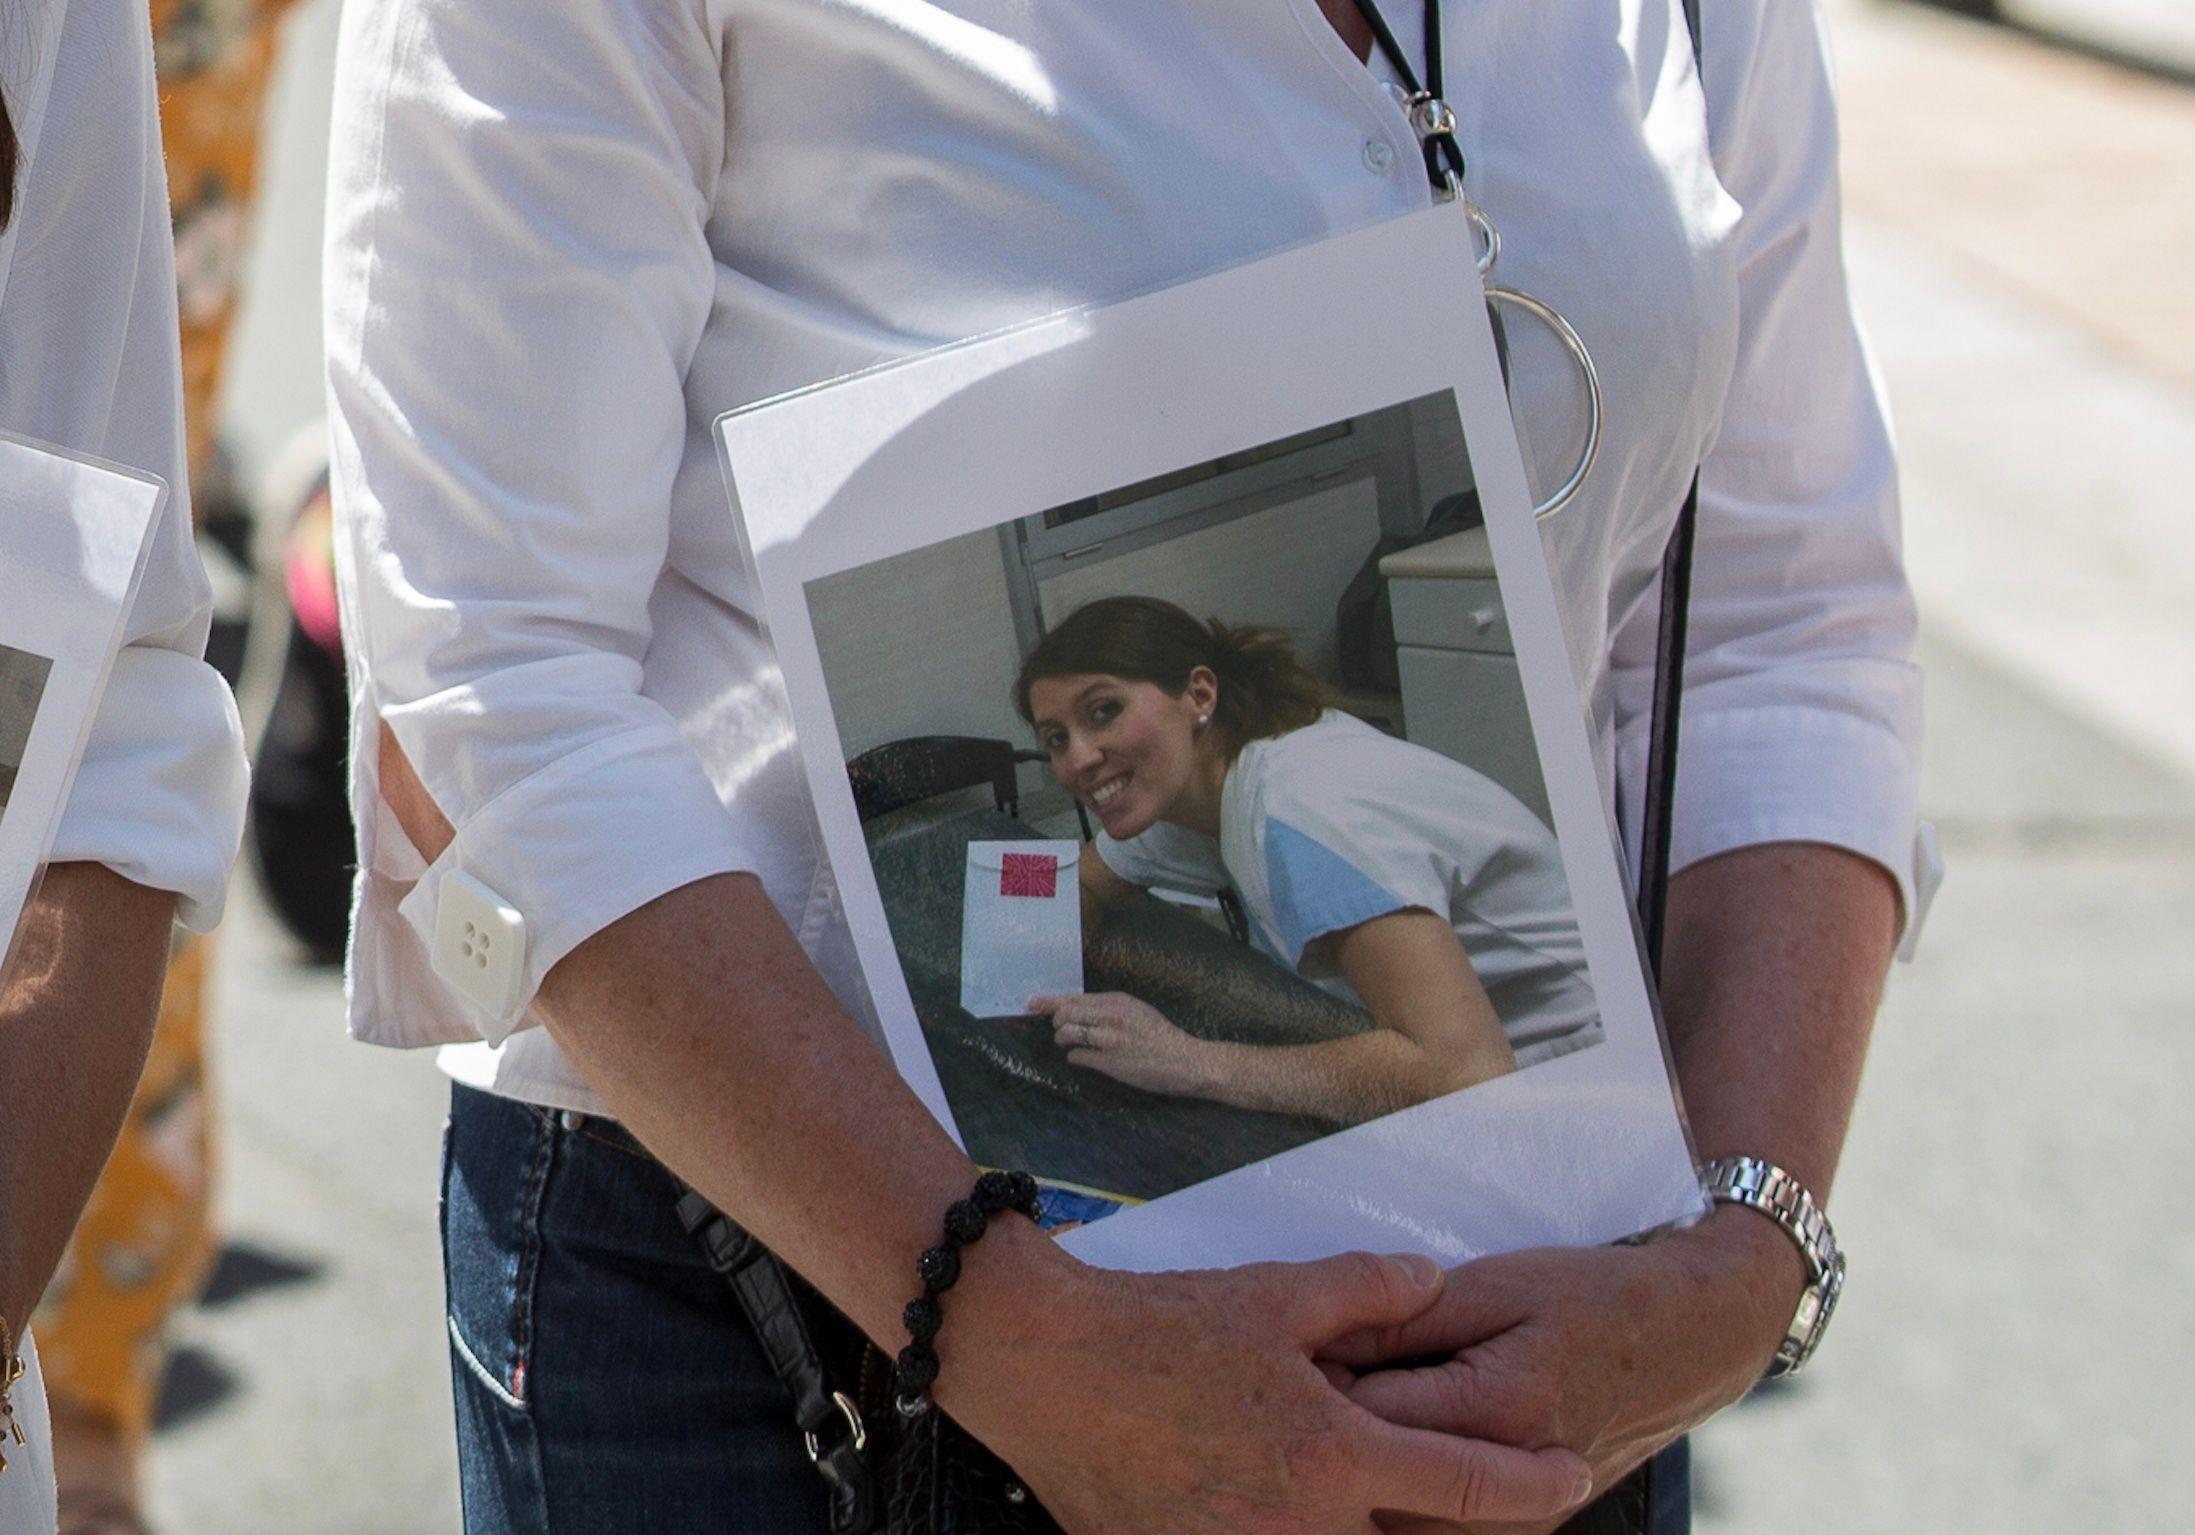 Disparition de Delphine Jubillar : où en est l'enquête ?